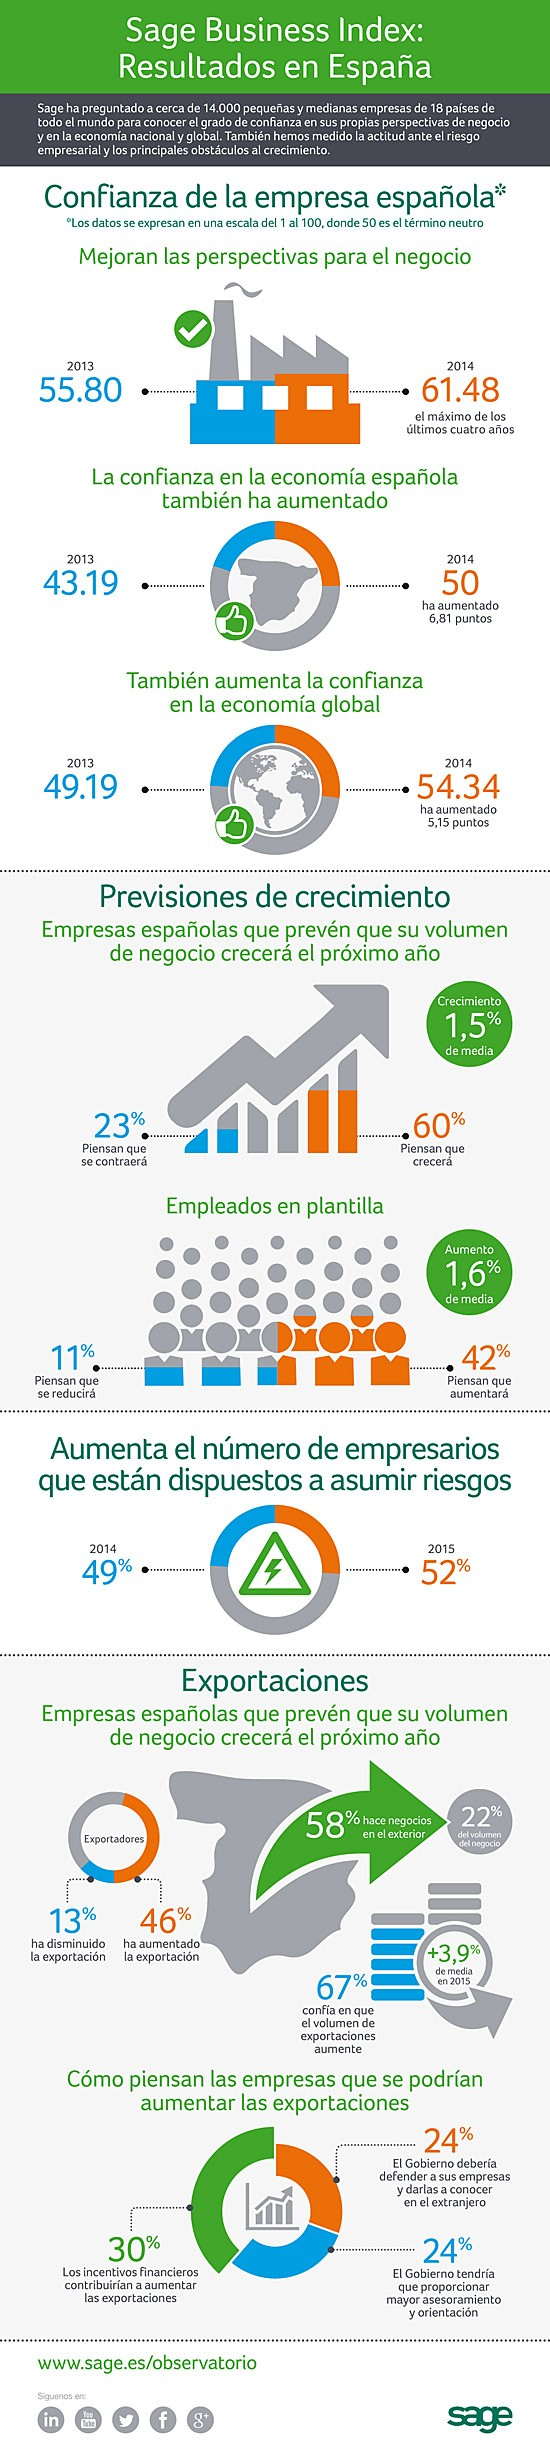 Infografia-Business-Index-Espana